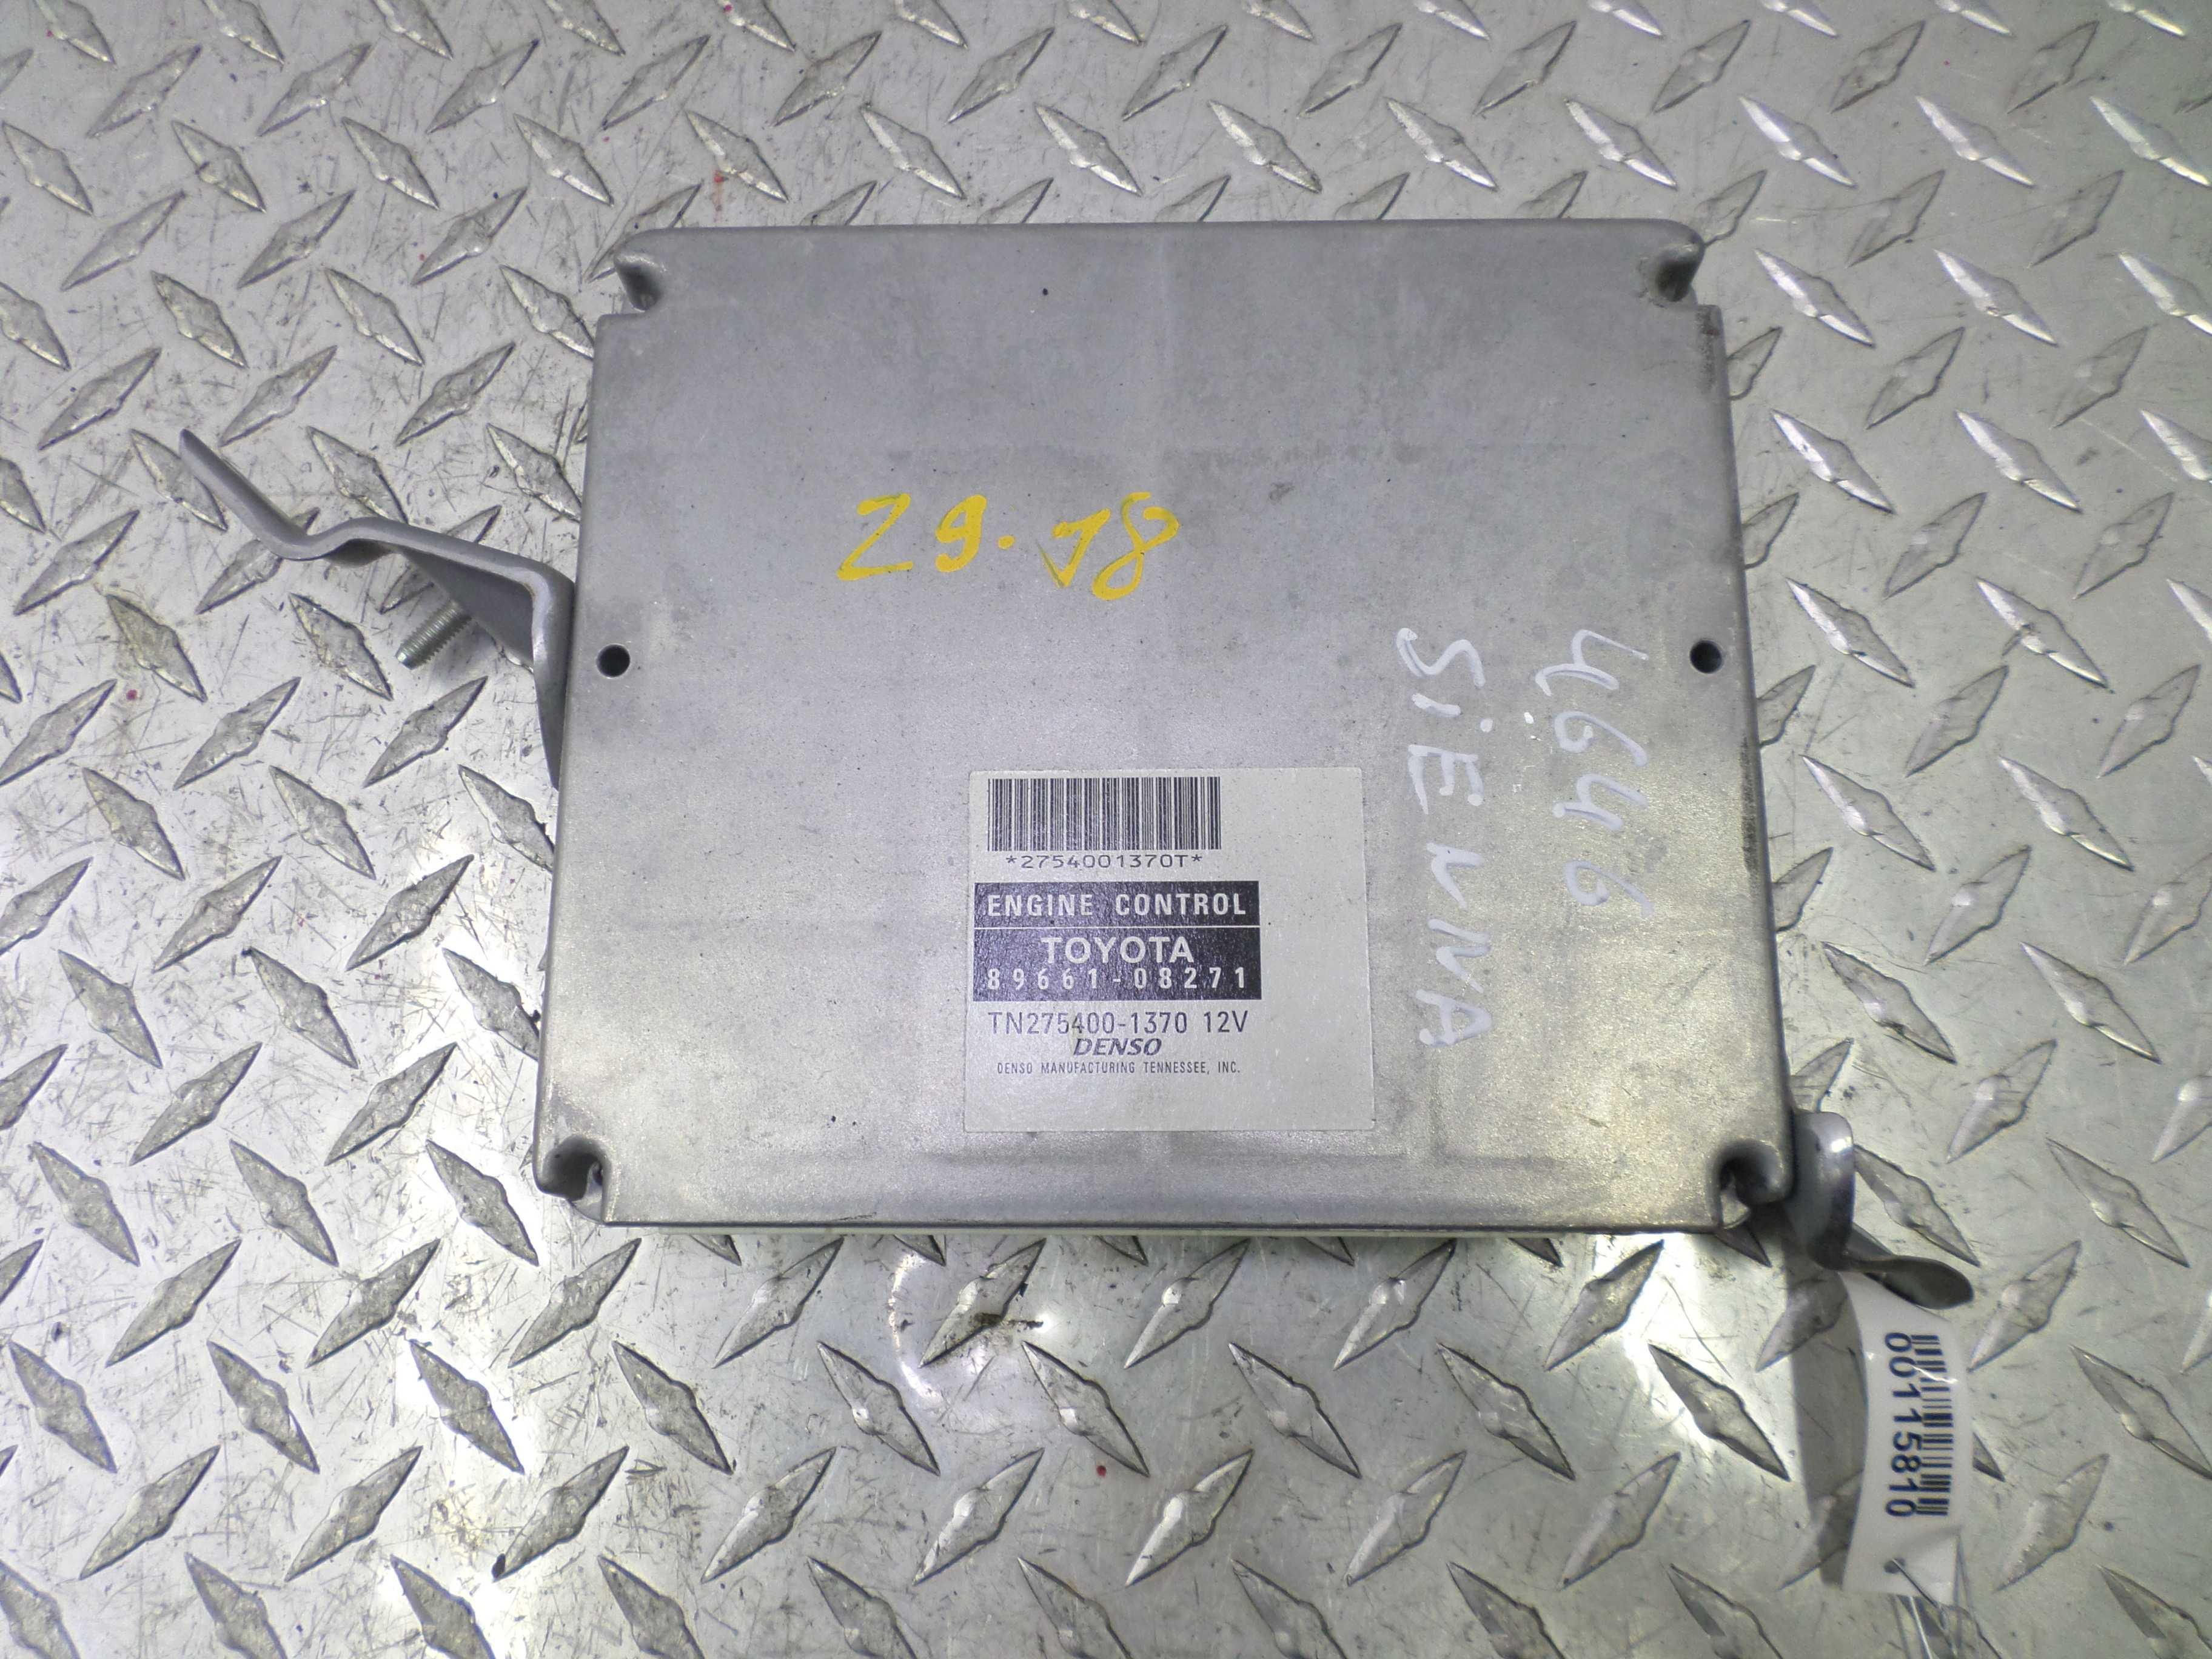 Блок управления двигателем   8966108271